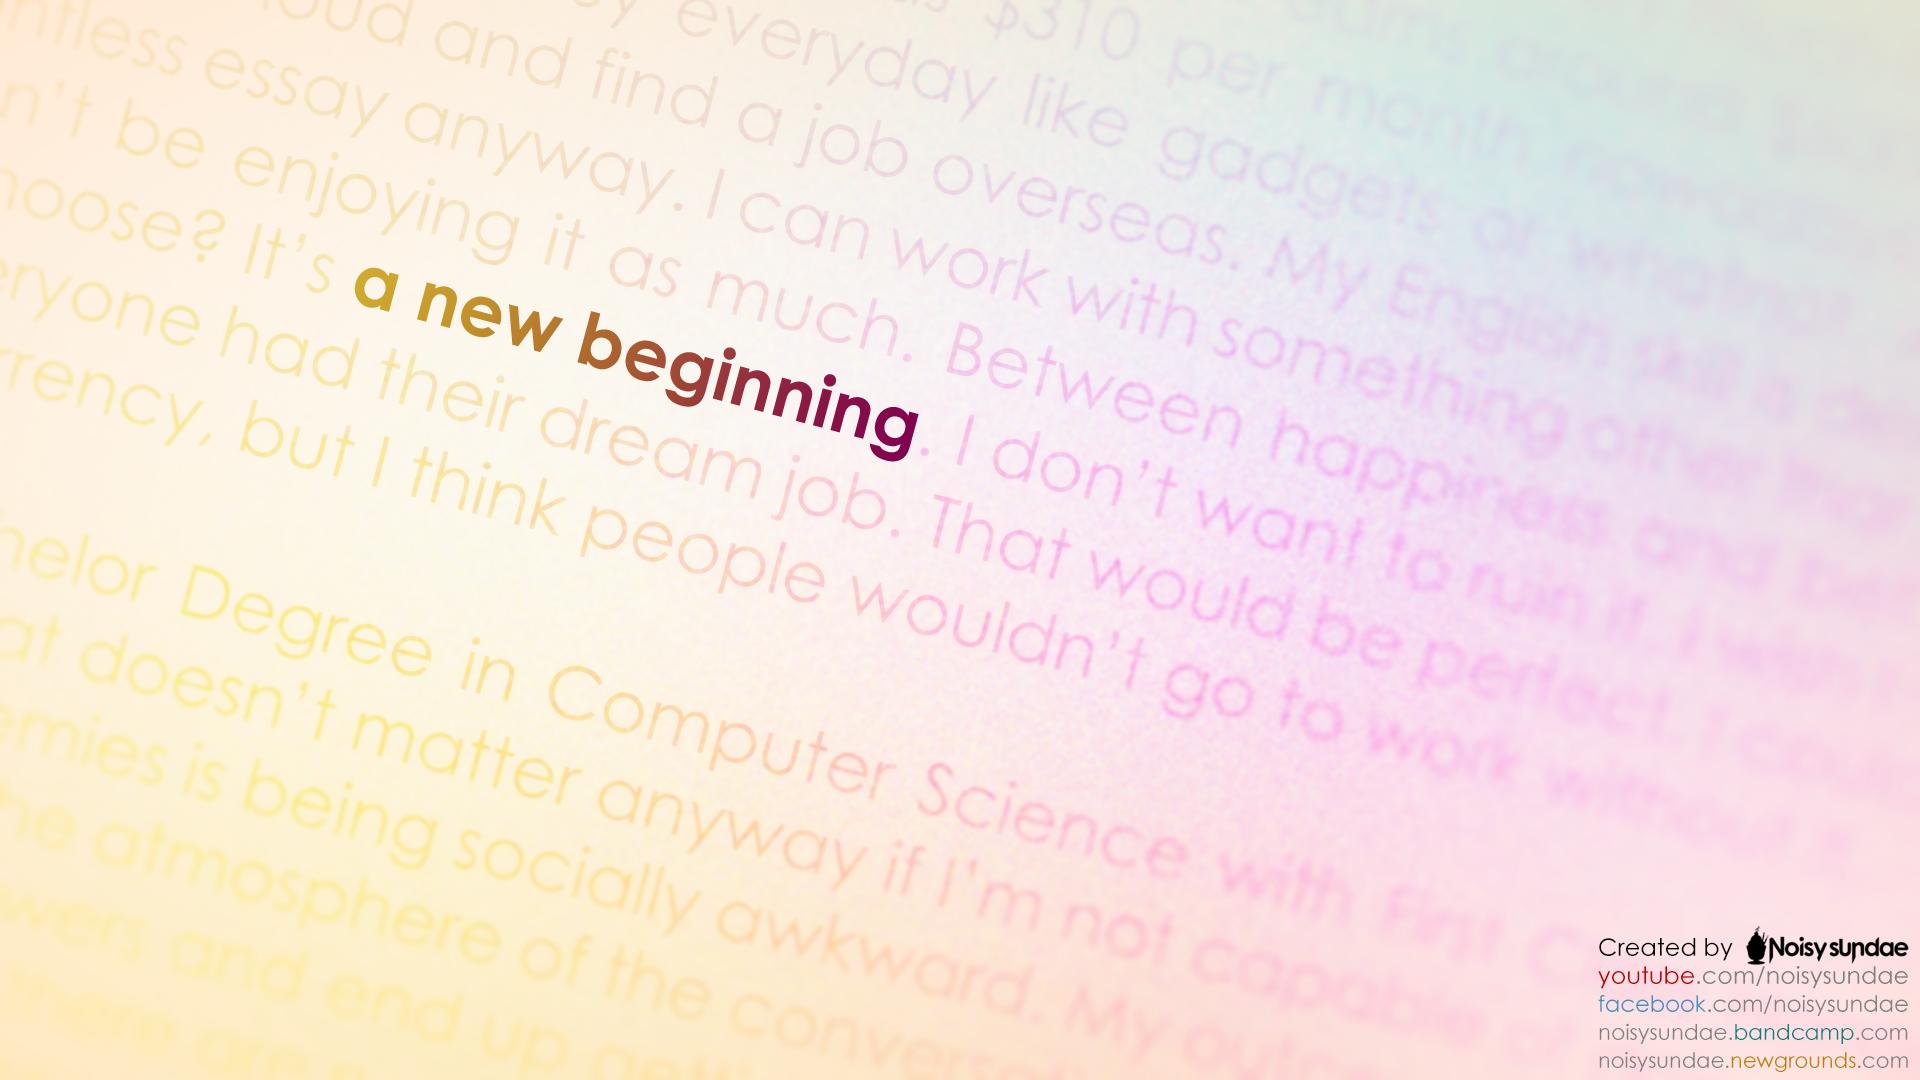 Noisysundae wallpaper - A new beginning